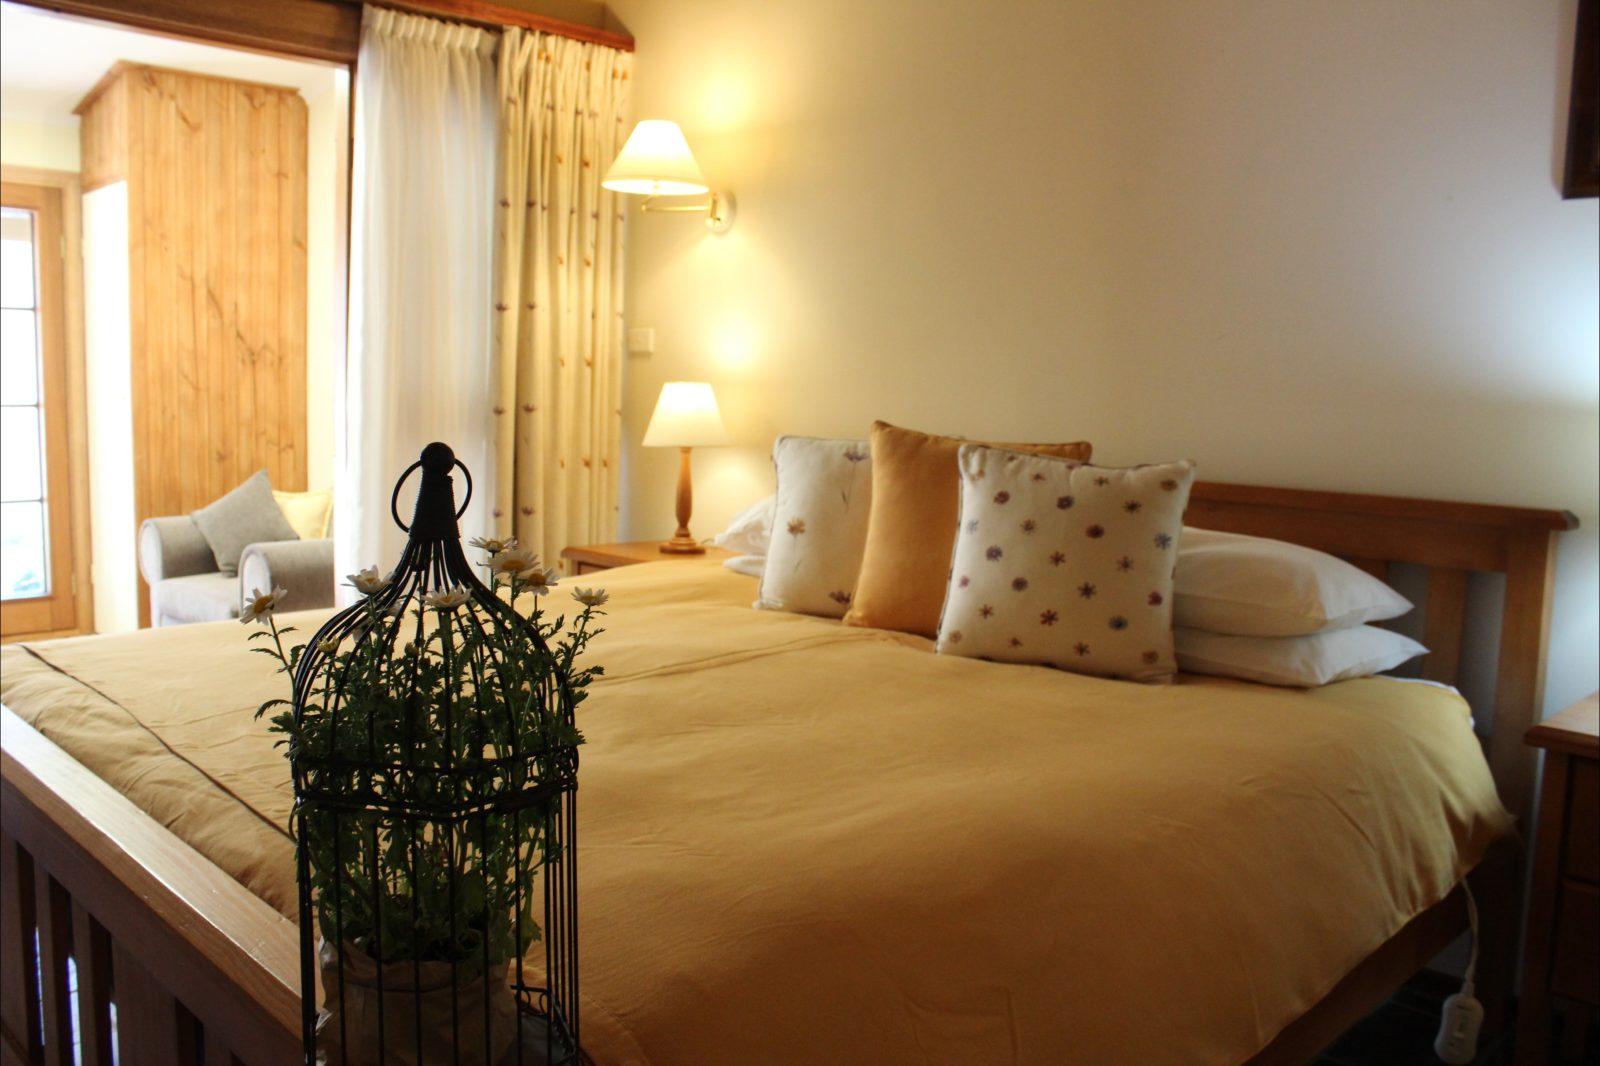 redbrow-garden-guesthouse-5aa745166e6cef5f7b9fdaef-1600x1066